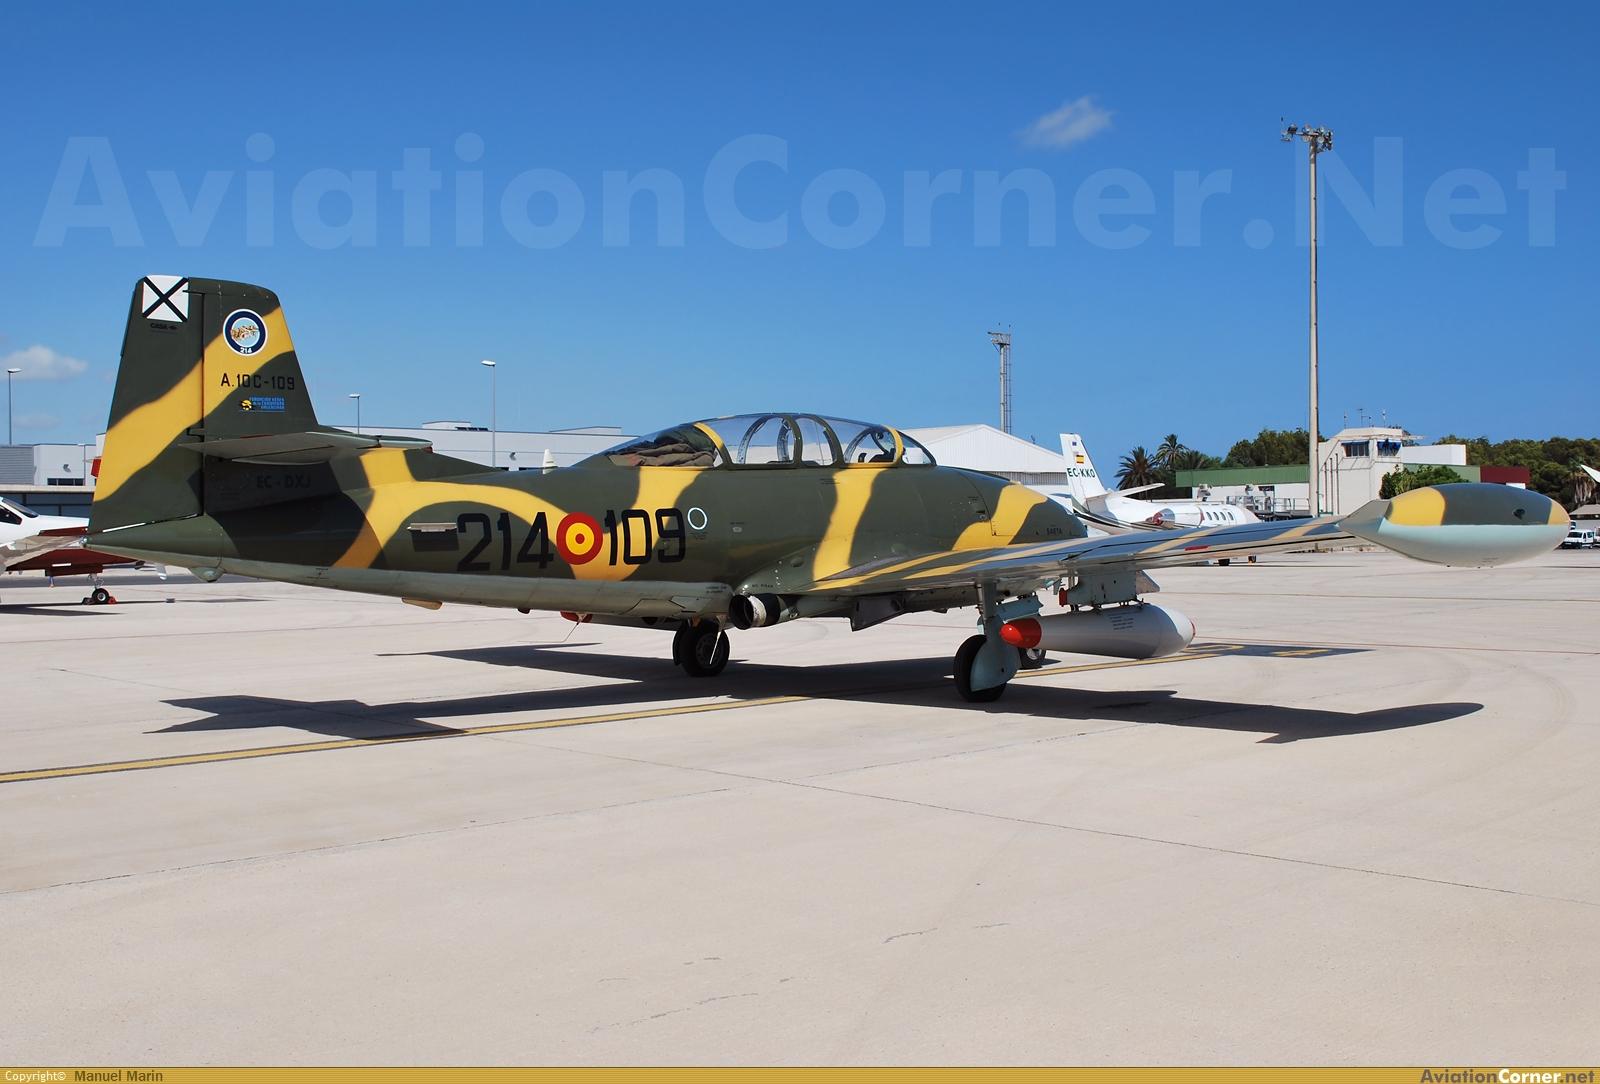 HA-220 Super Saeta - Special Hobby 1/72 Avc_00171454